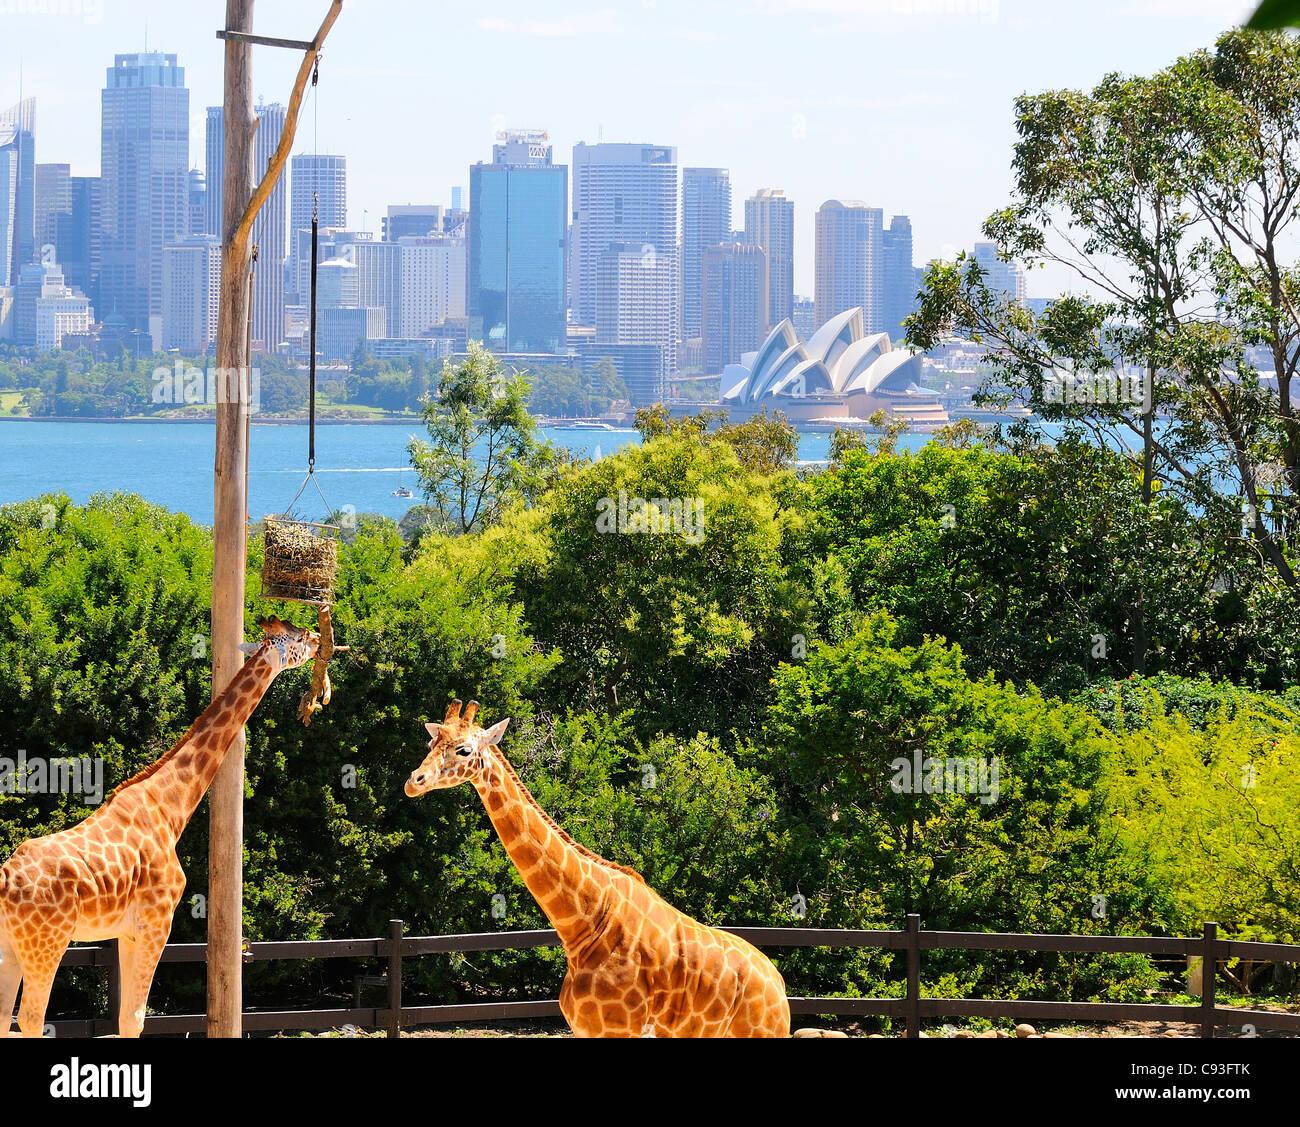 Giraffe in ihrem Gehege im Taronga Zoo am Ufer des Sydney Harbour im Vorort Mosman mit Sydney CBD hinter's. Stockbild